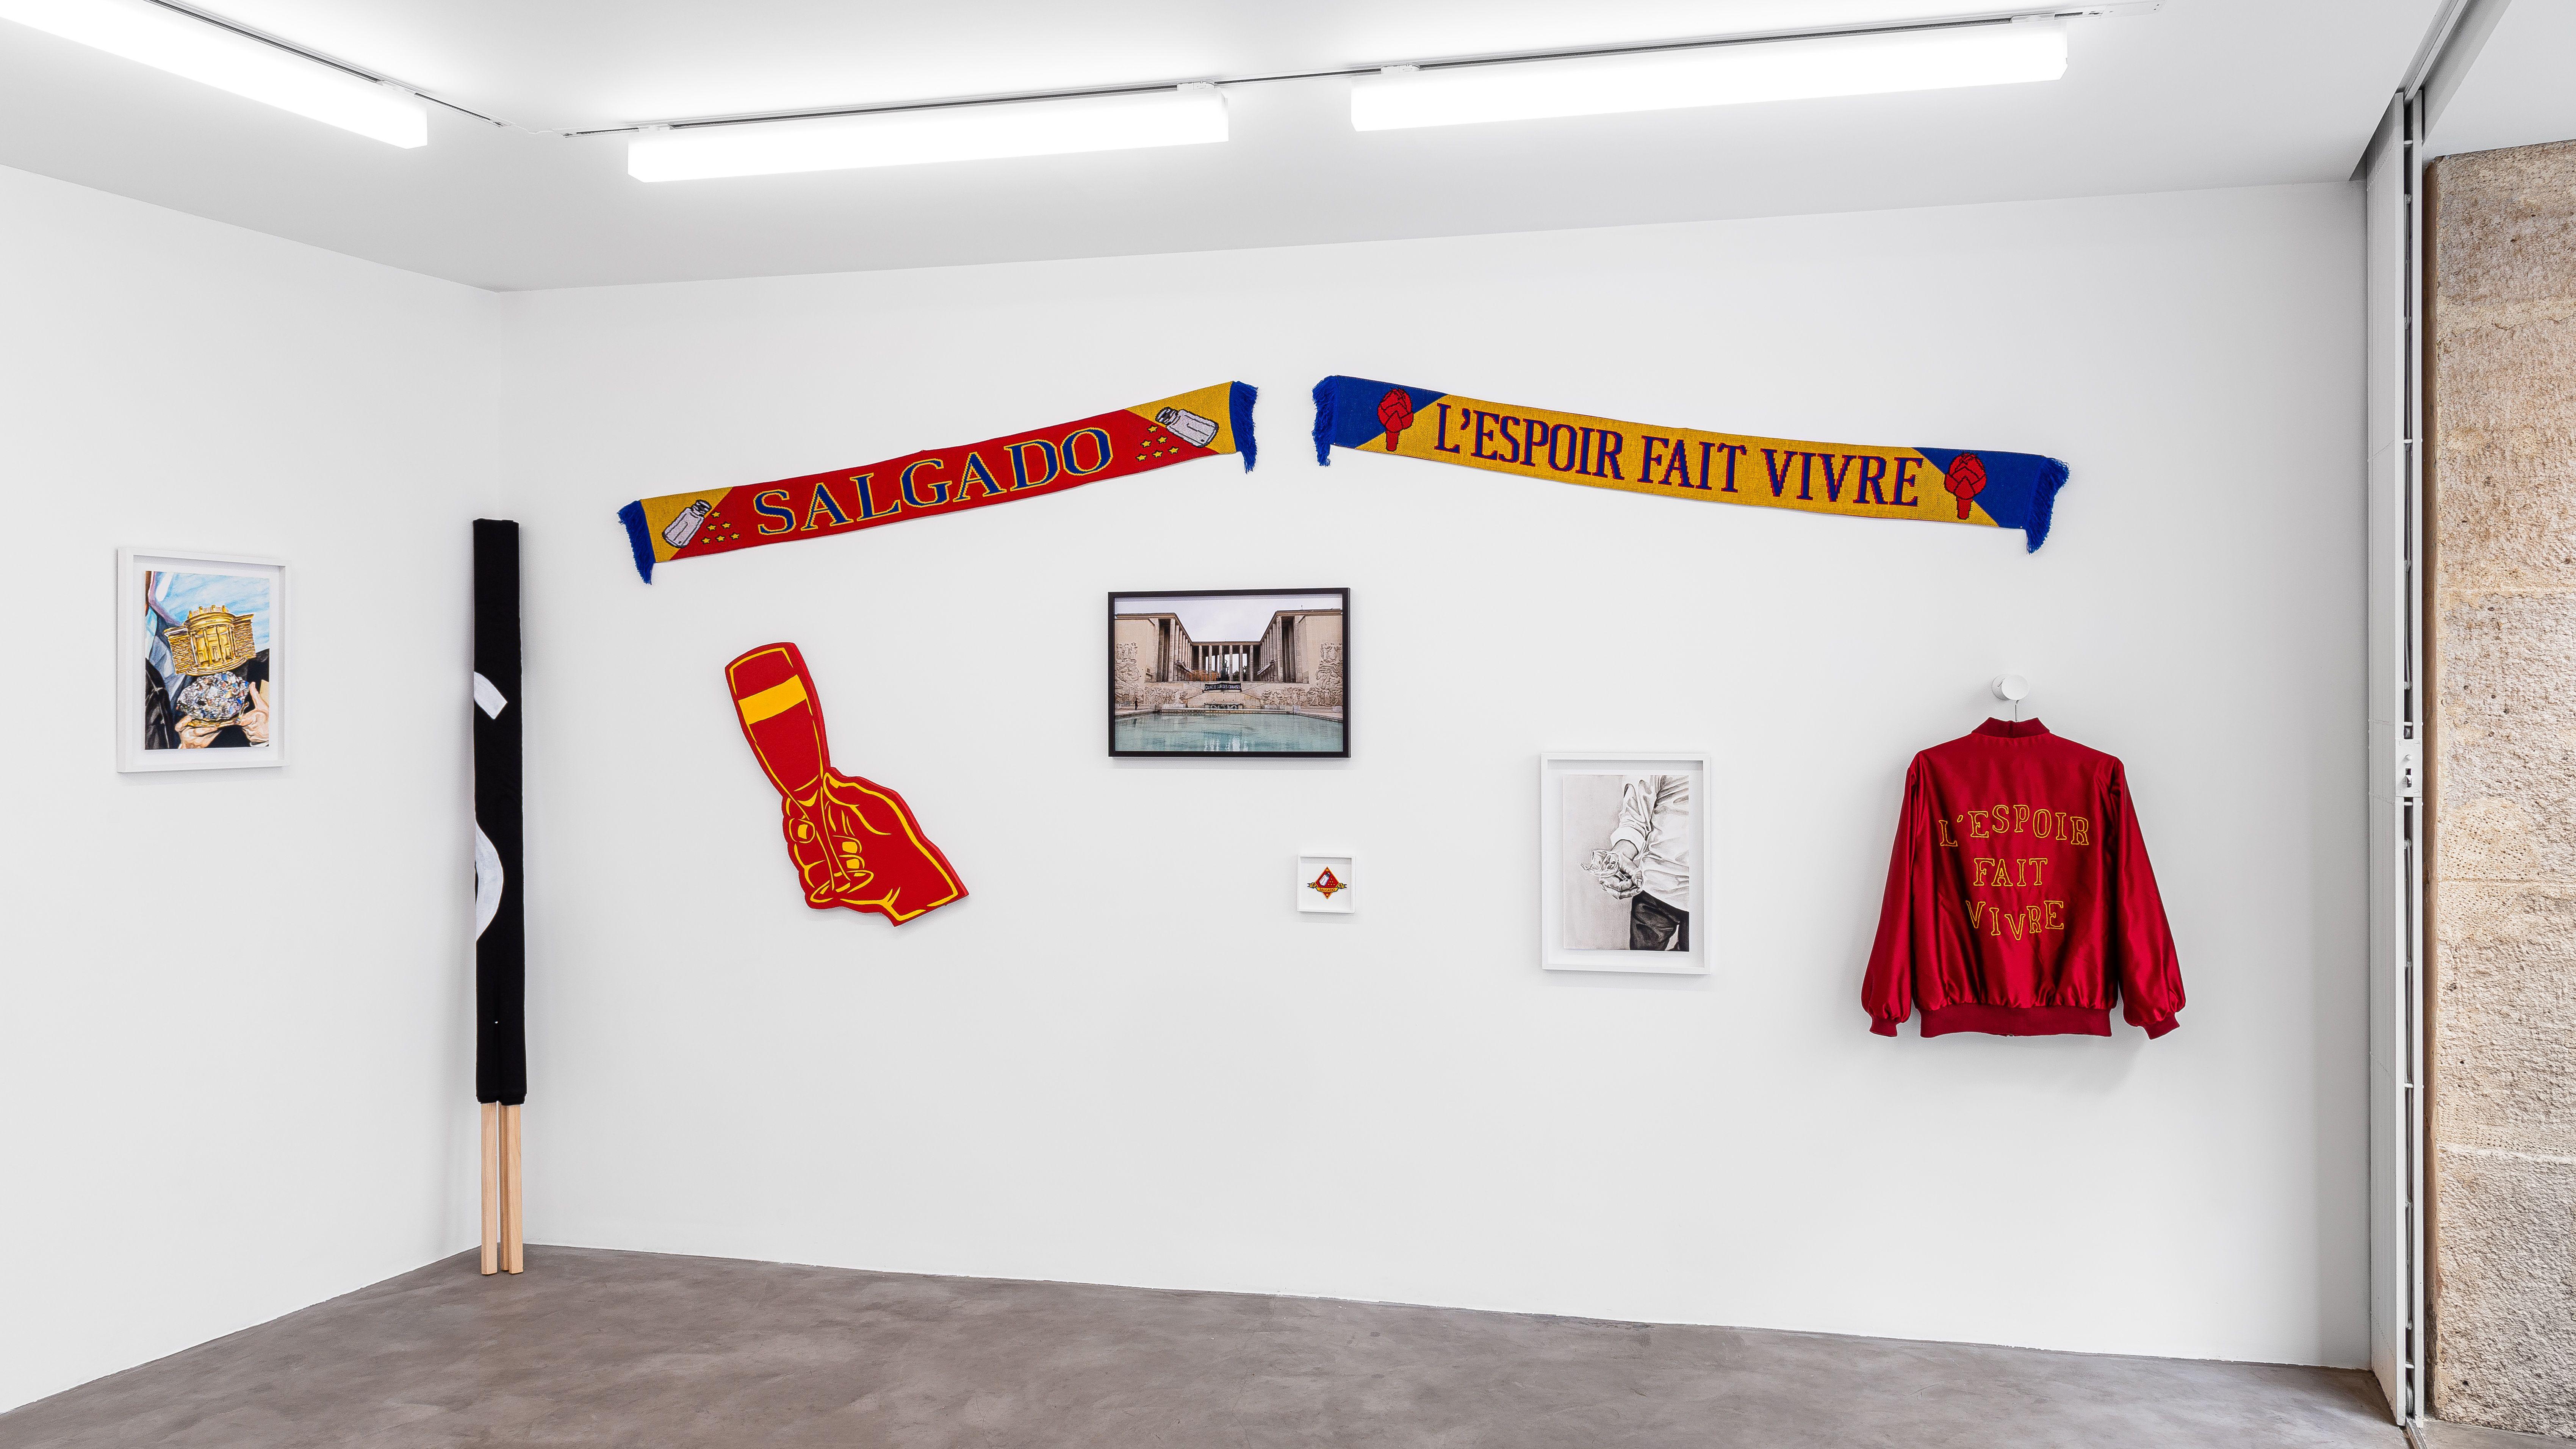 Einblick in einen weißen Galerieraum, in dem verschiedene Werke hängen